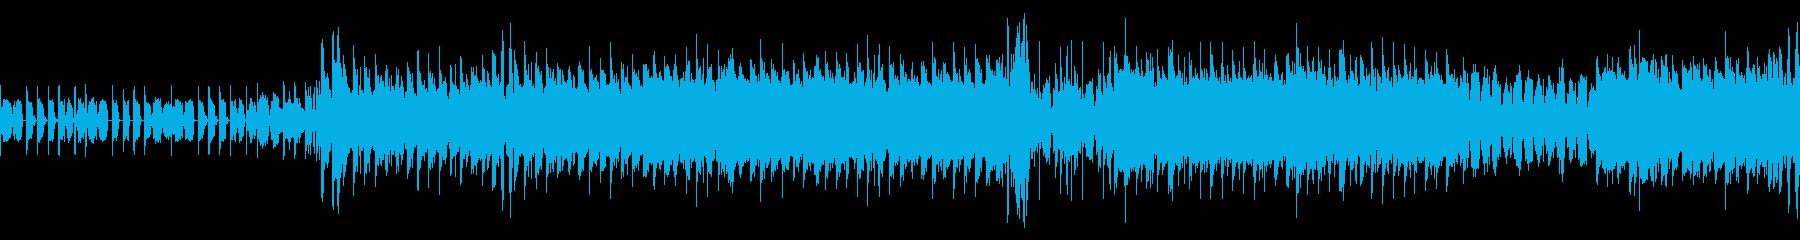 迷い、走り続けているイメージEDMその2の再生済みの波形